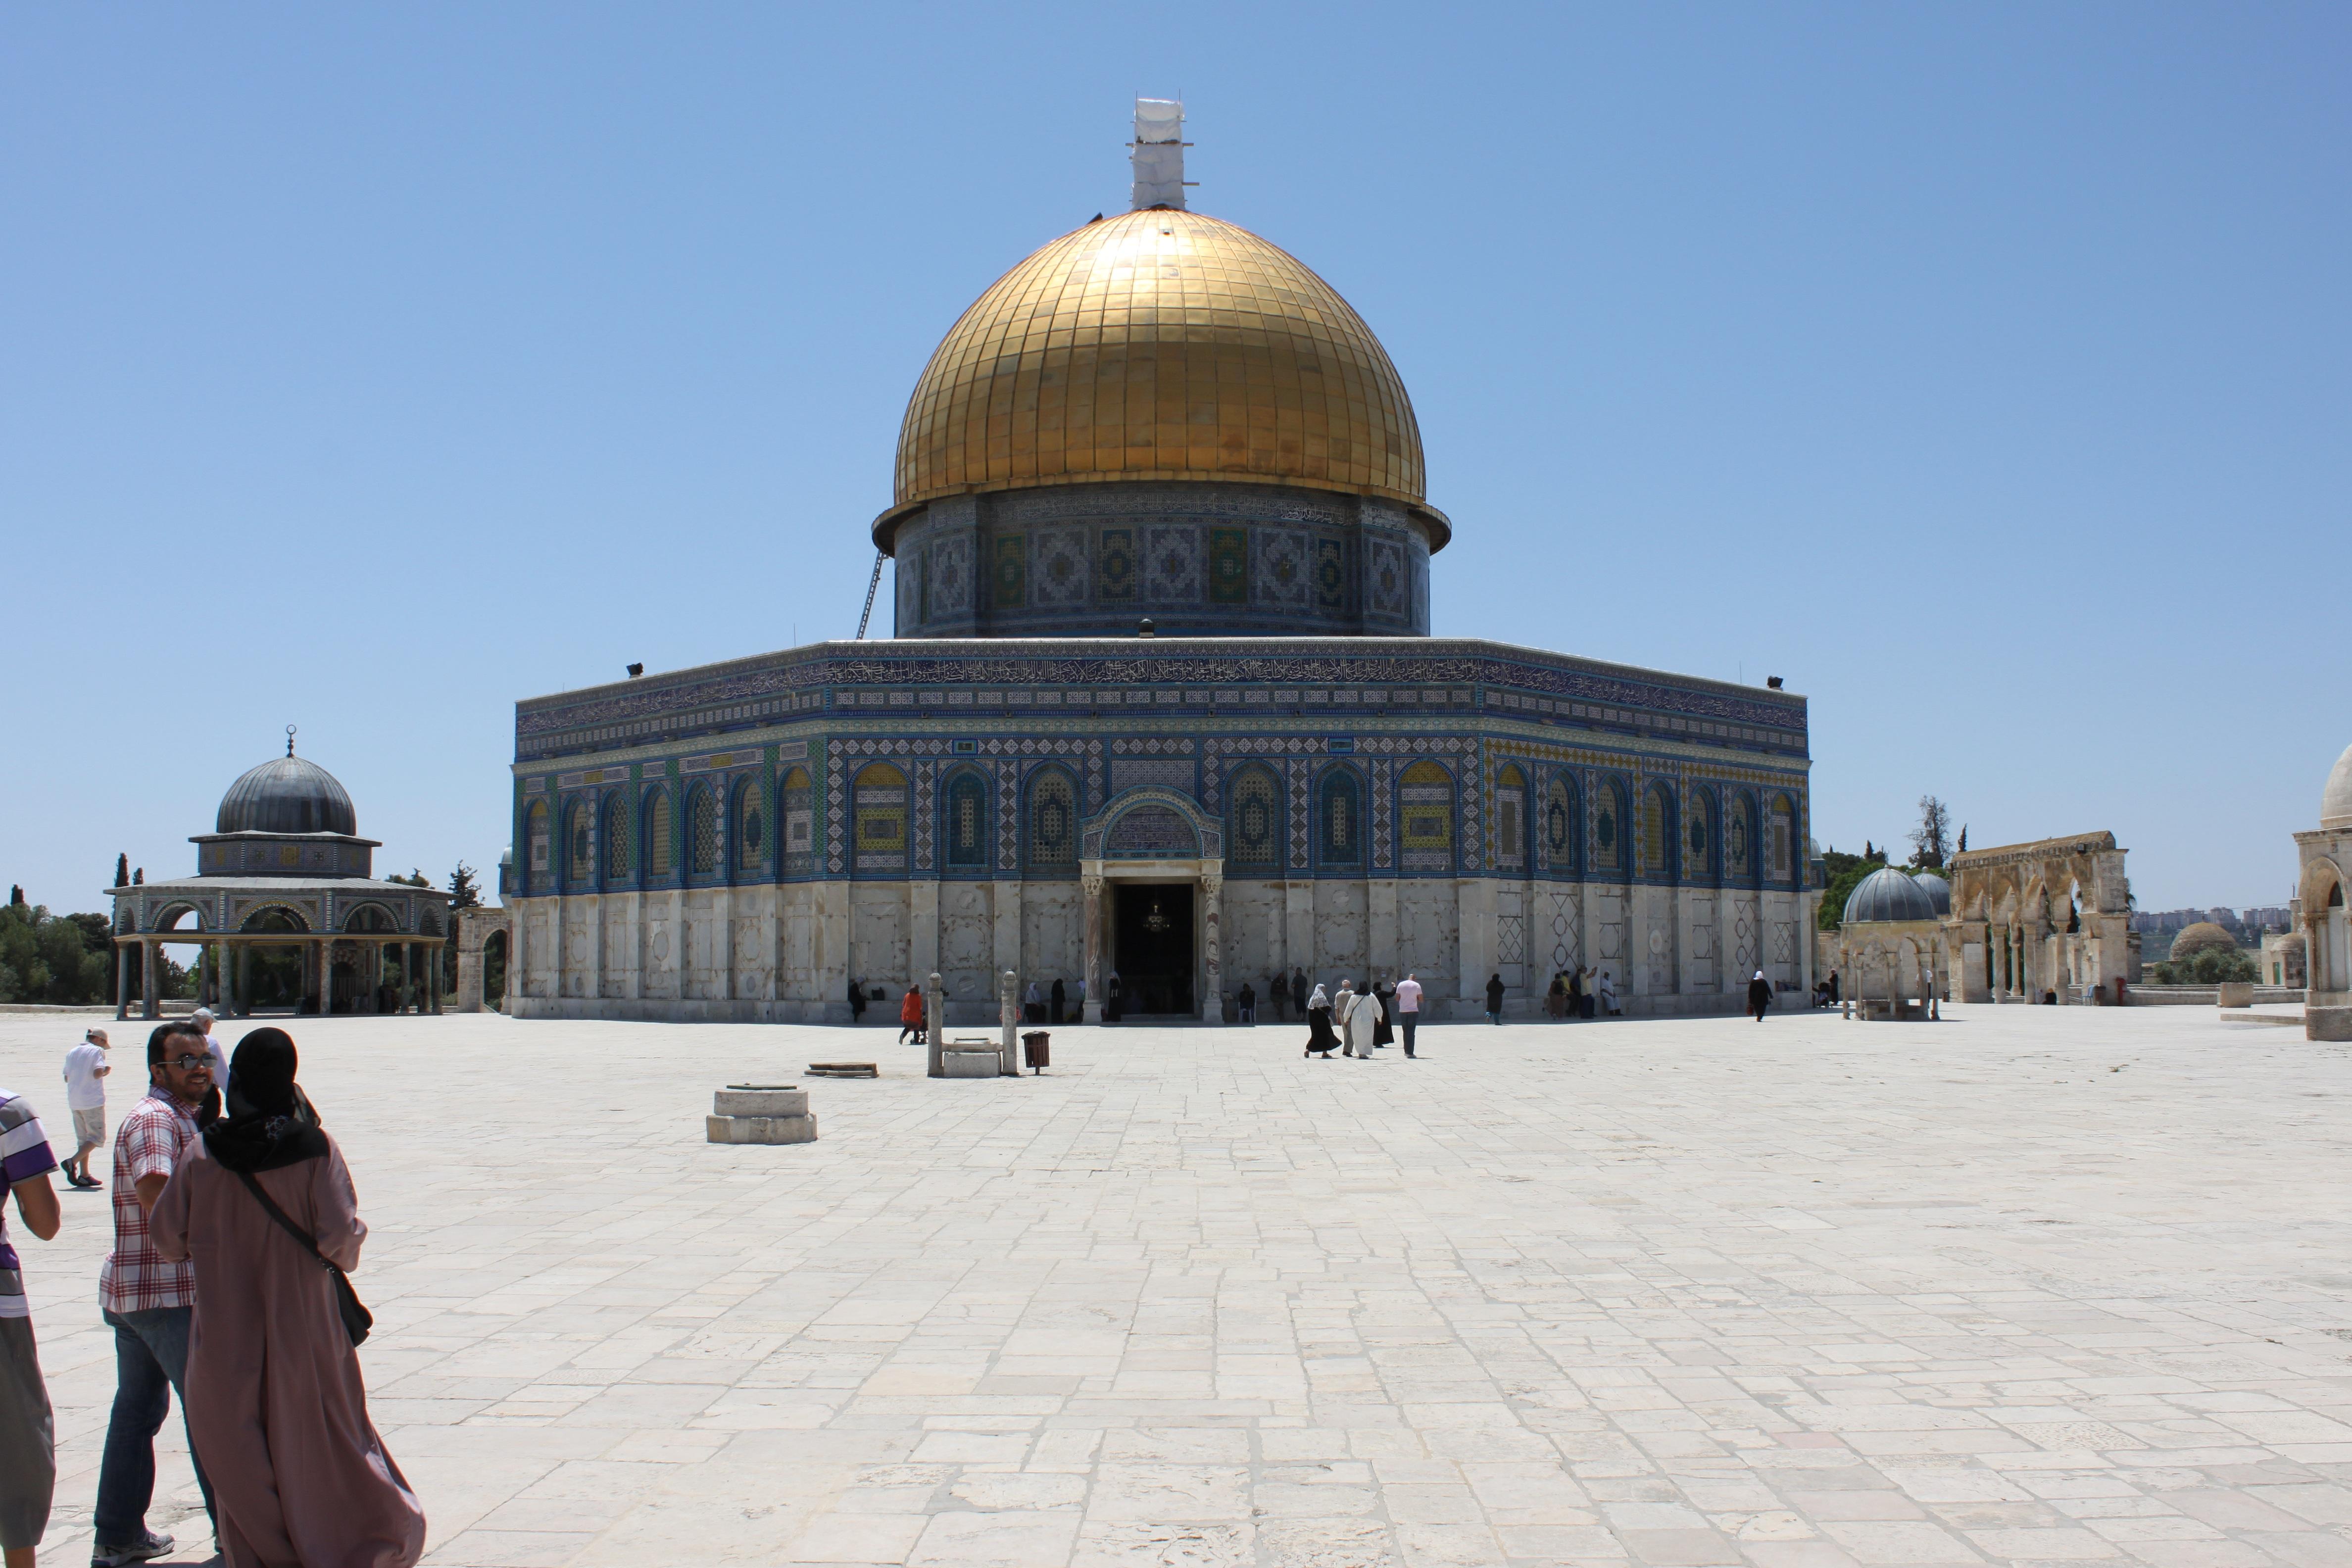 мечеть омара в иерусалиме фото песню этого